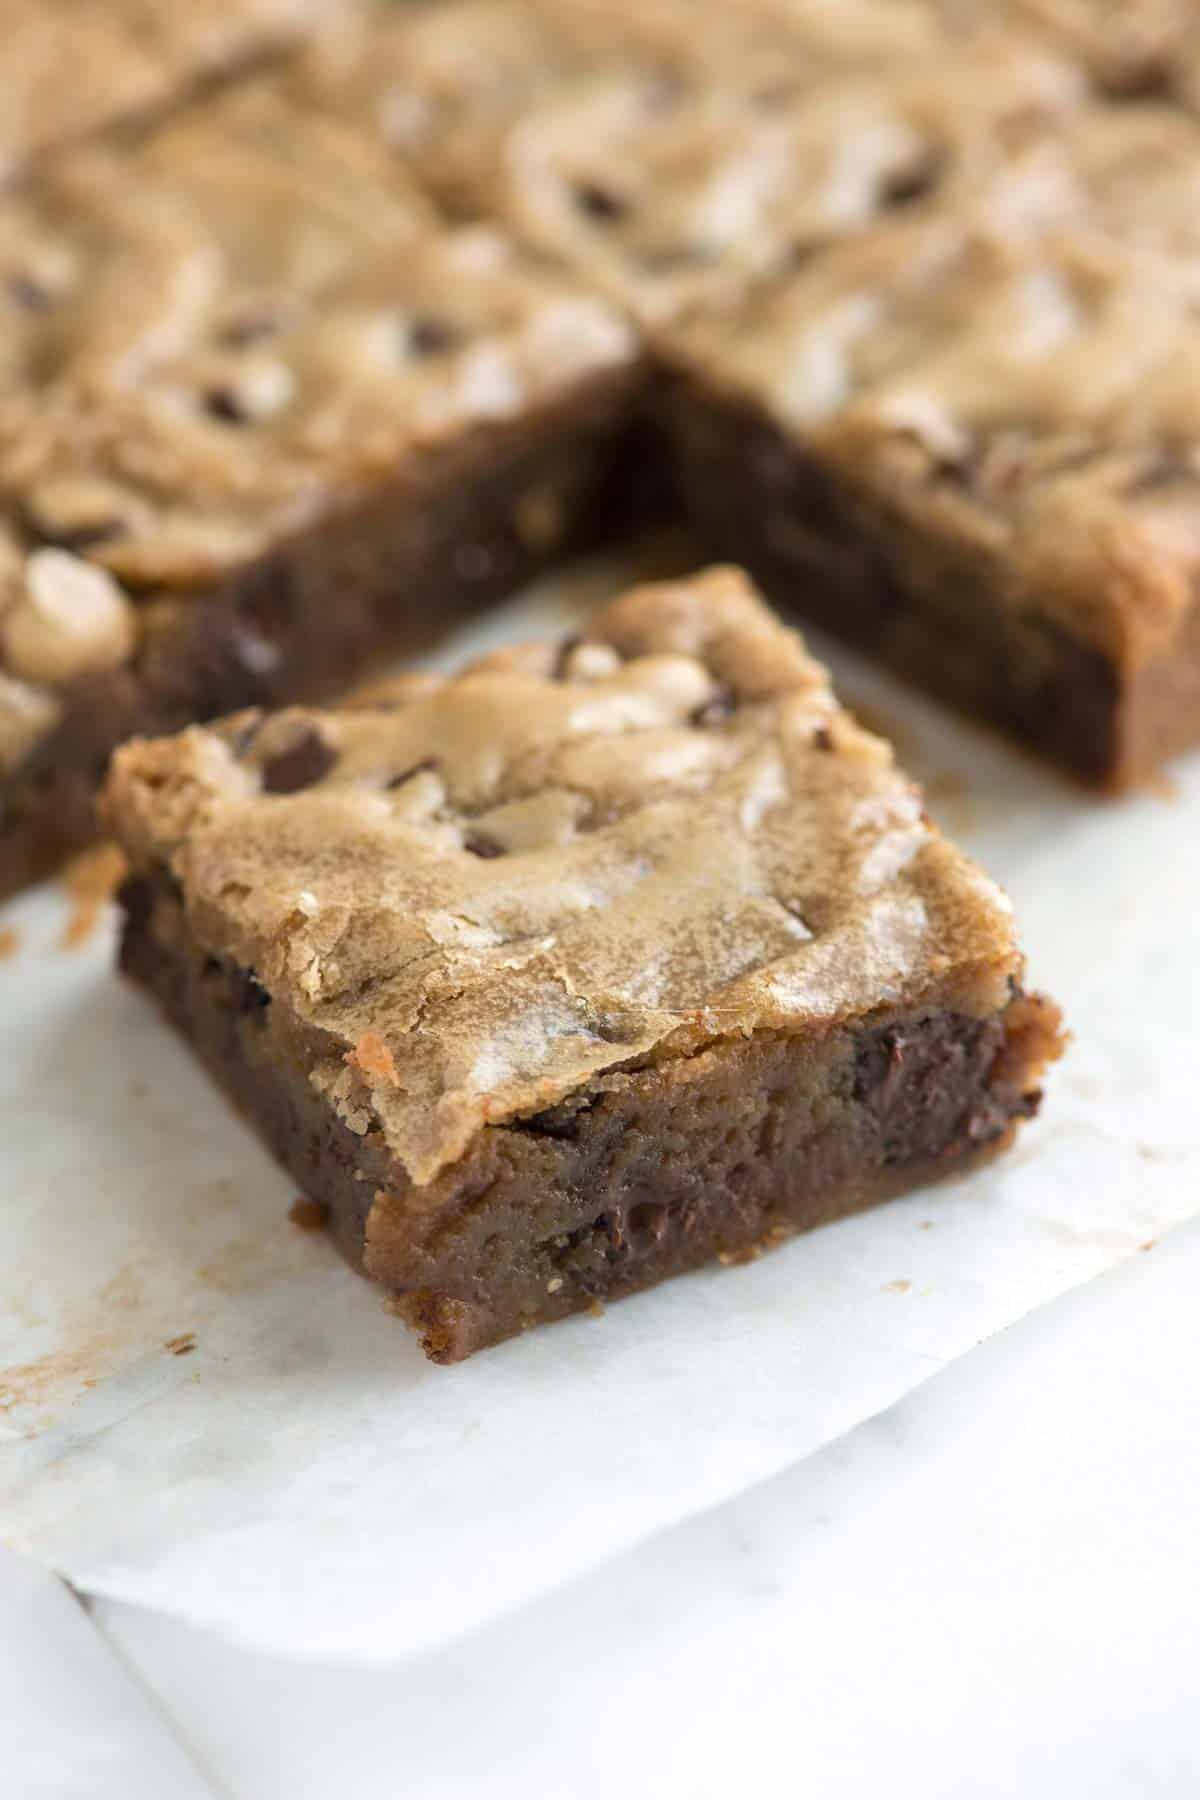 Cake Brownie Recipe From Scratch